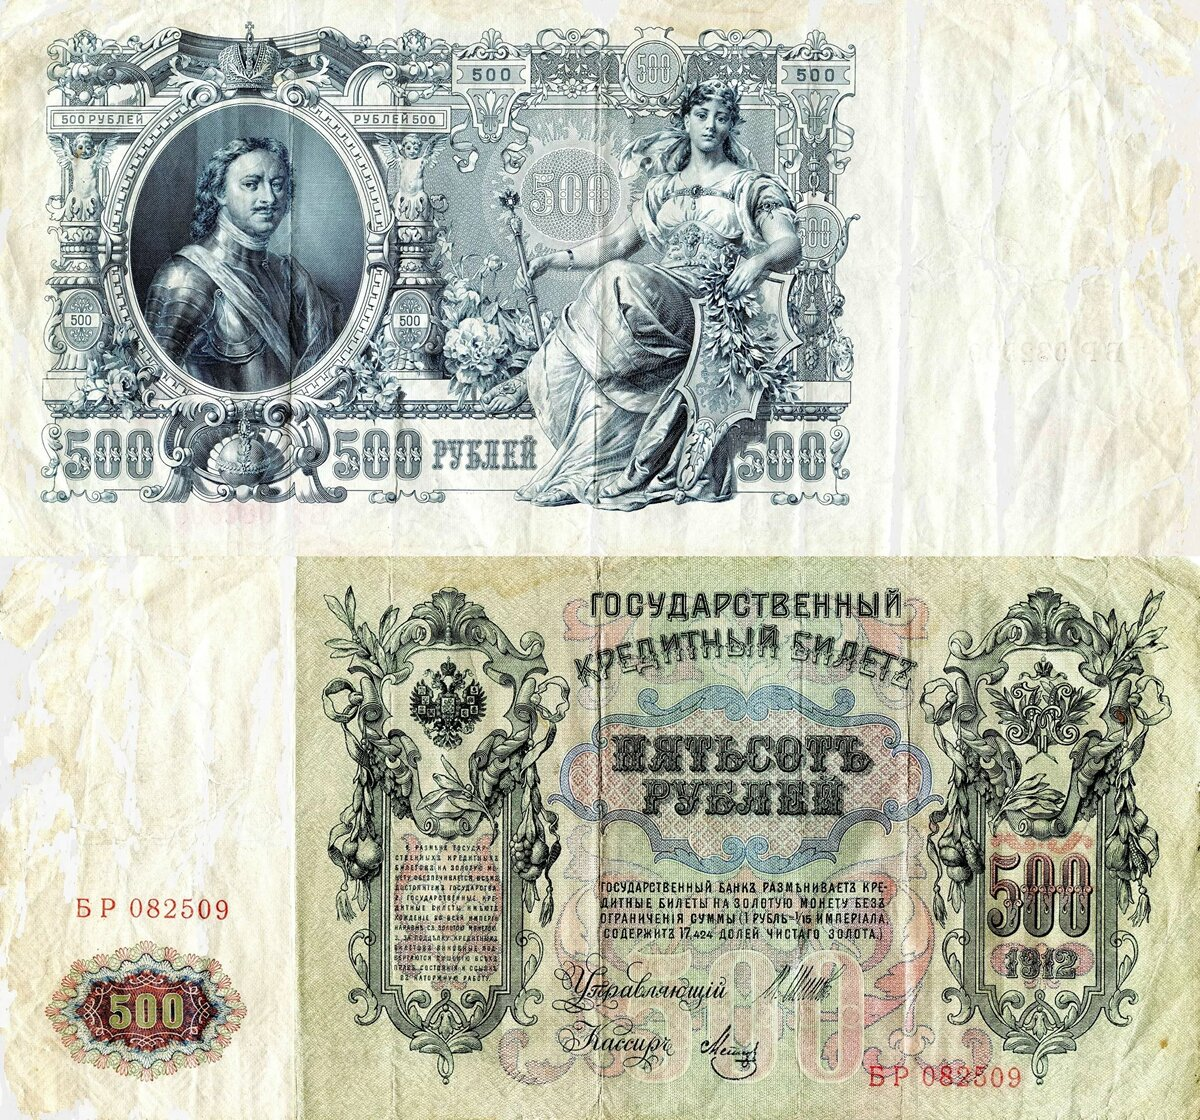 Картинки старинных бумажных денег